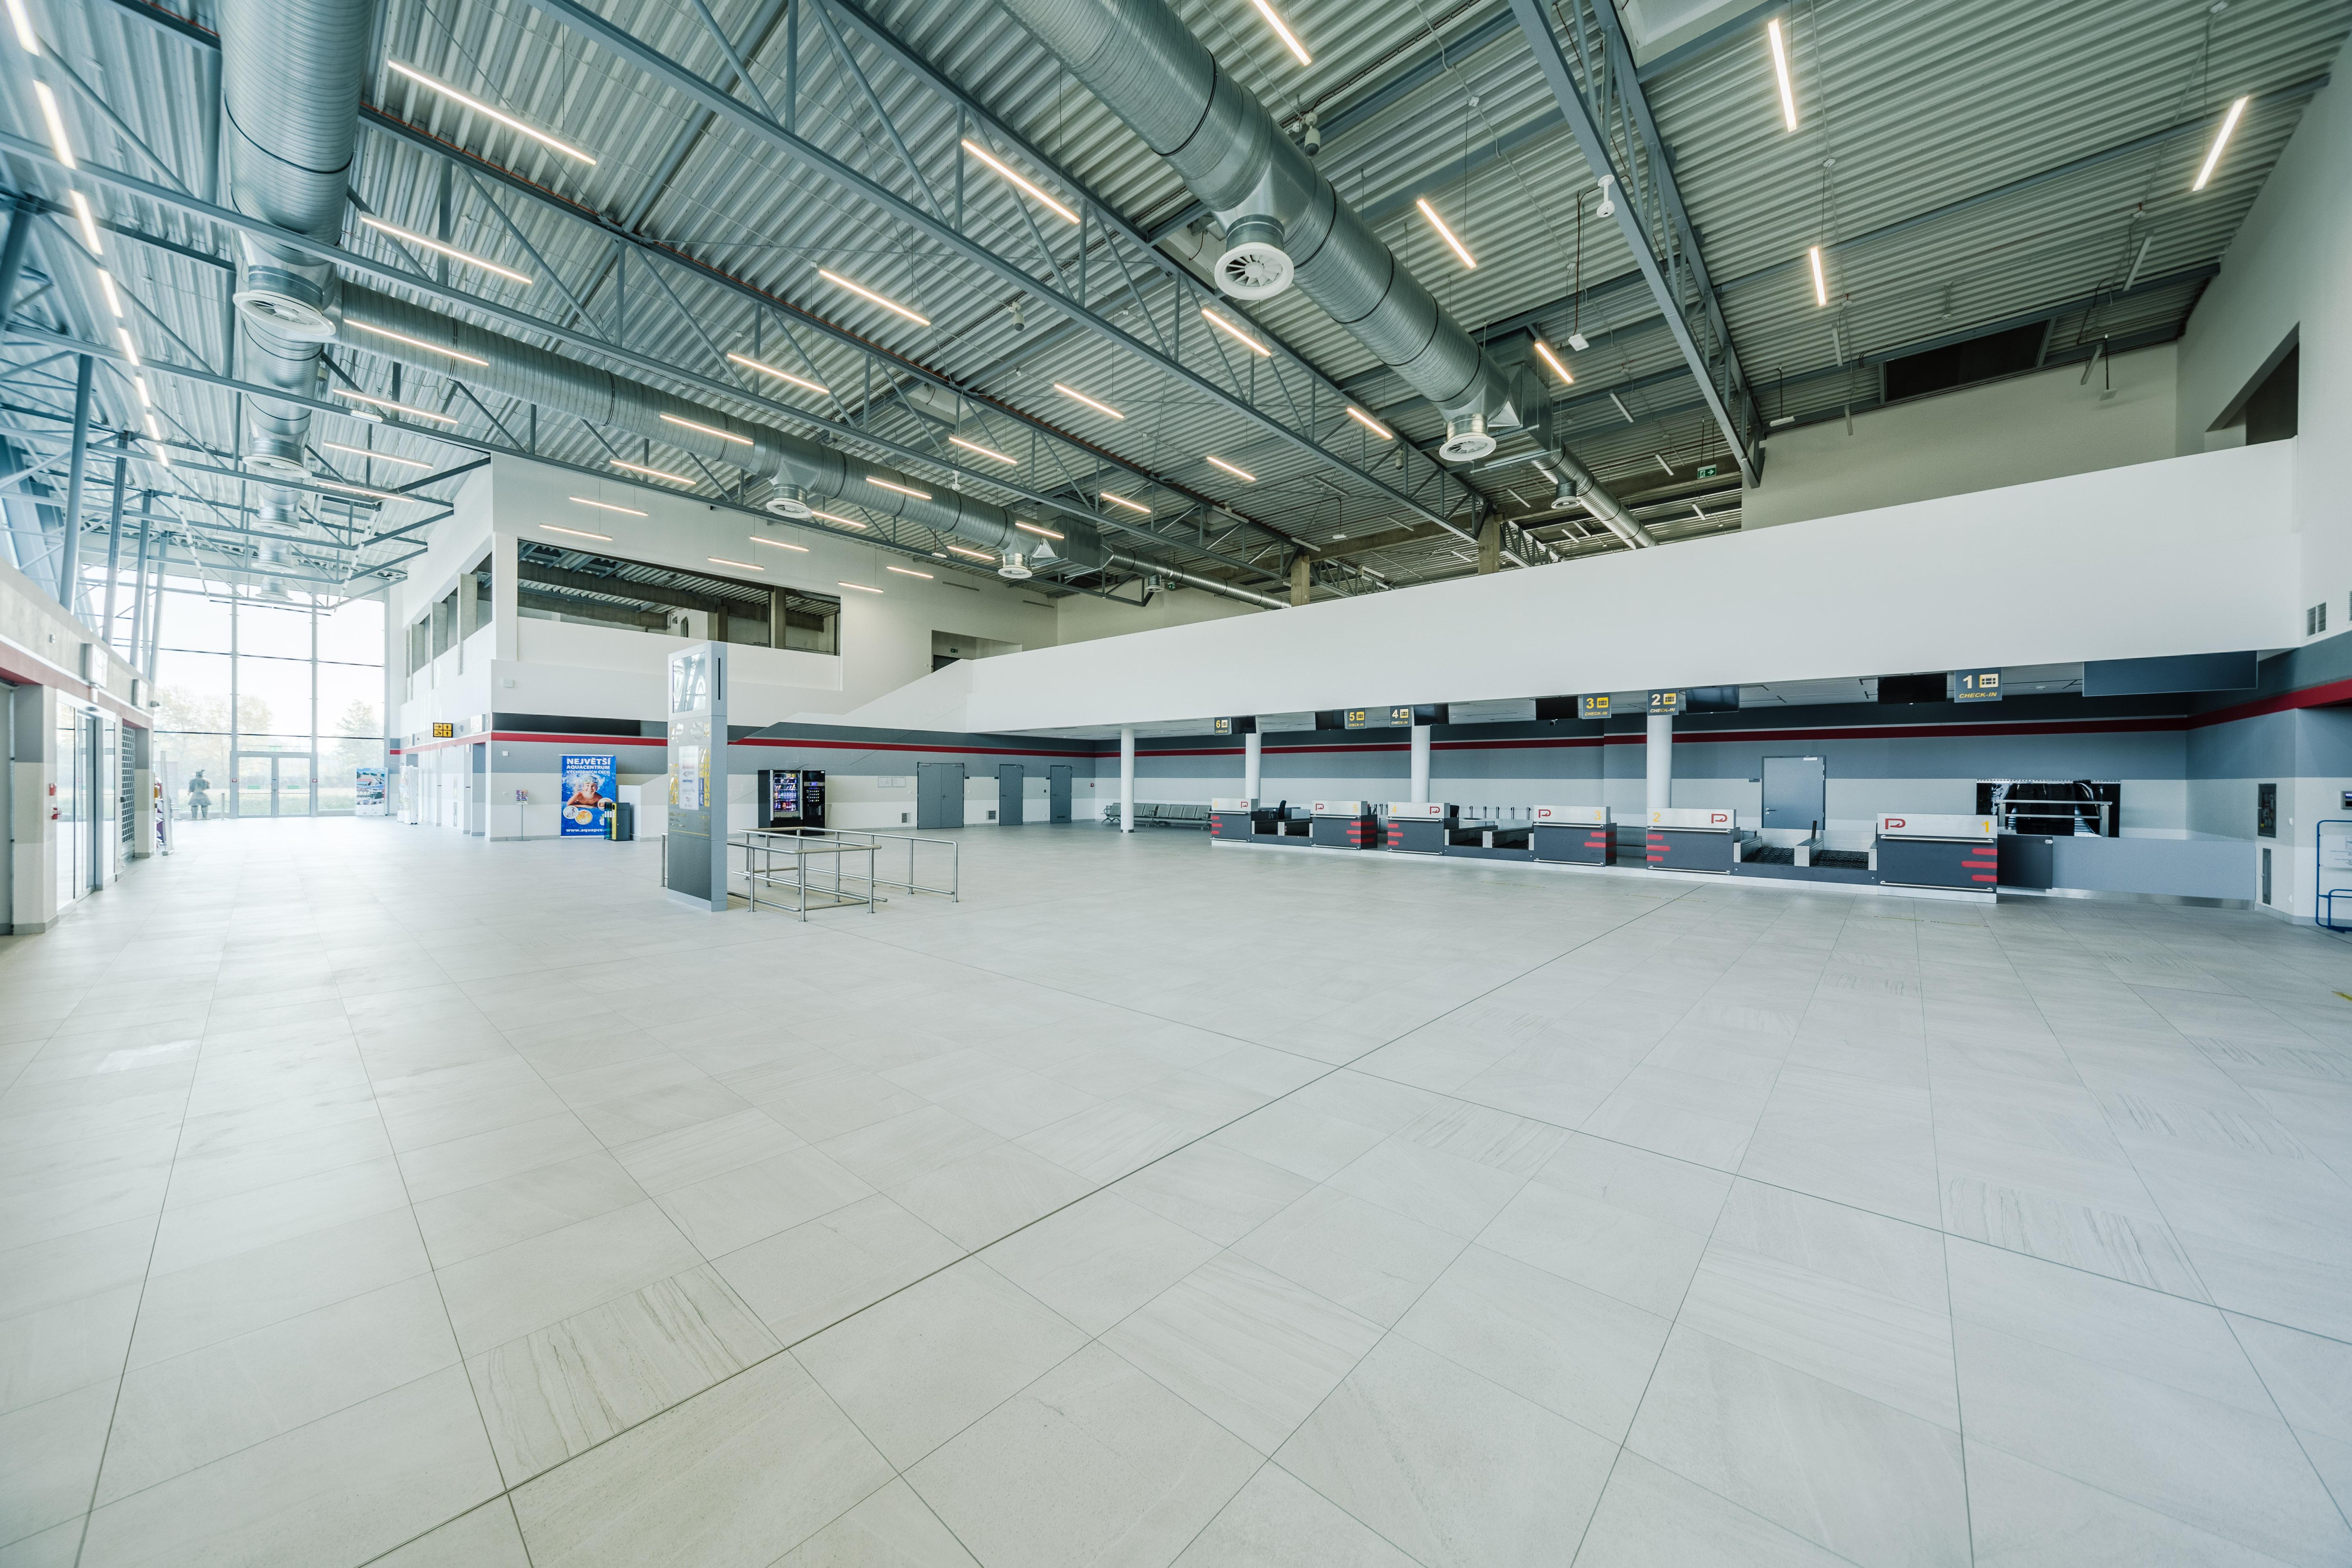 03_Letiště Pardubice (1)